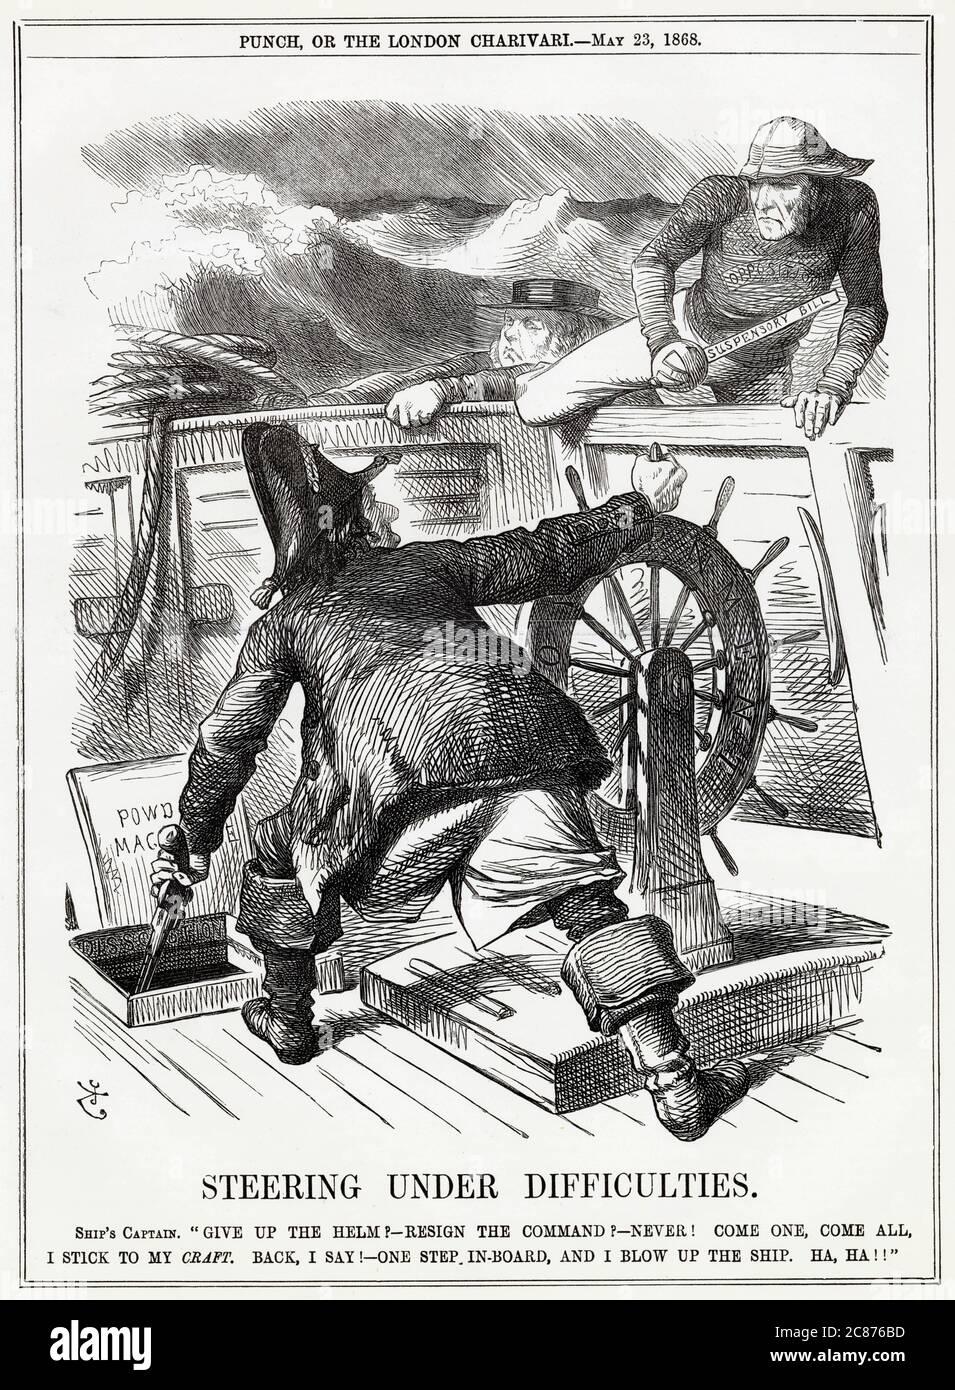 Caricature, Steering Under Displainces -- un commentaire satirique sur la réaction de Disraeli au projet de loi suspensif de l'Église irlandaise de Gladstone, qui a été porté contre le gouvernement conservateur à une large majorité. Disraeli, en tant que capitaine, menace de faire sauter le navire, plutôt que de permettre à Gladstone et Bright de prendre la barre. La loi, qui est entrée en vigueur l'année suivante, séparait l'Église d'Irlande de l'Église d'Angleterre et signifiait que l'Église d'Irlande n'était plus en droit de collecter des dîmes du peuple irlandais. Une loi controversée, elle a aidé à démanteler l'Ascen protestant Banque D'Images